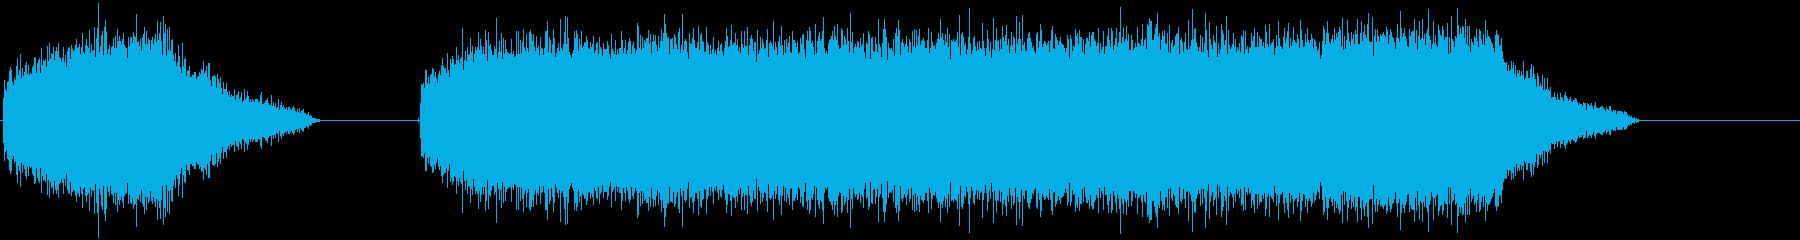 グラインダーポリッシャー-電気-ハ...の再生済みの波形